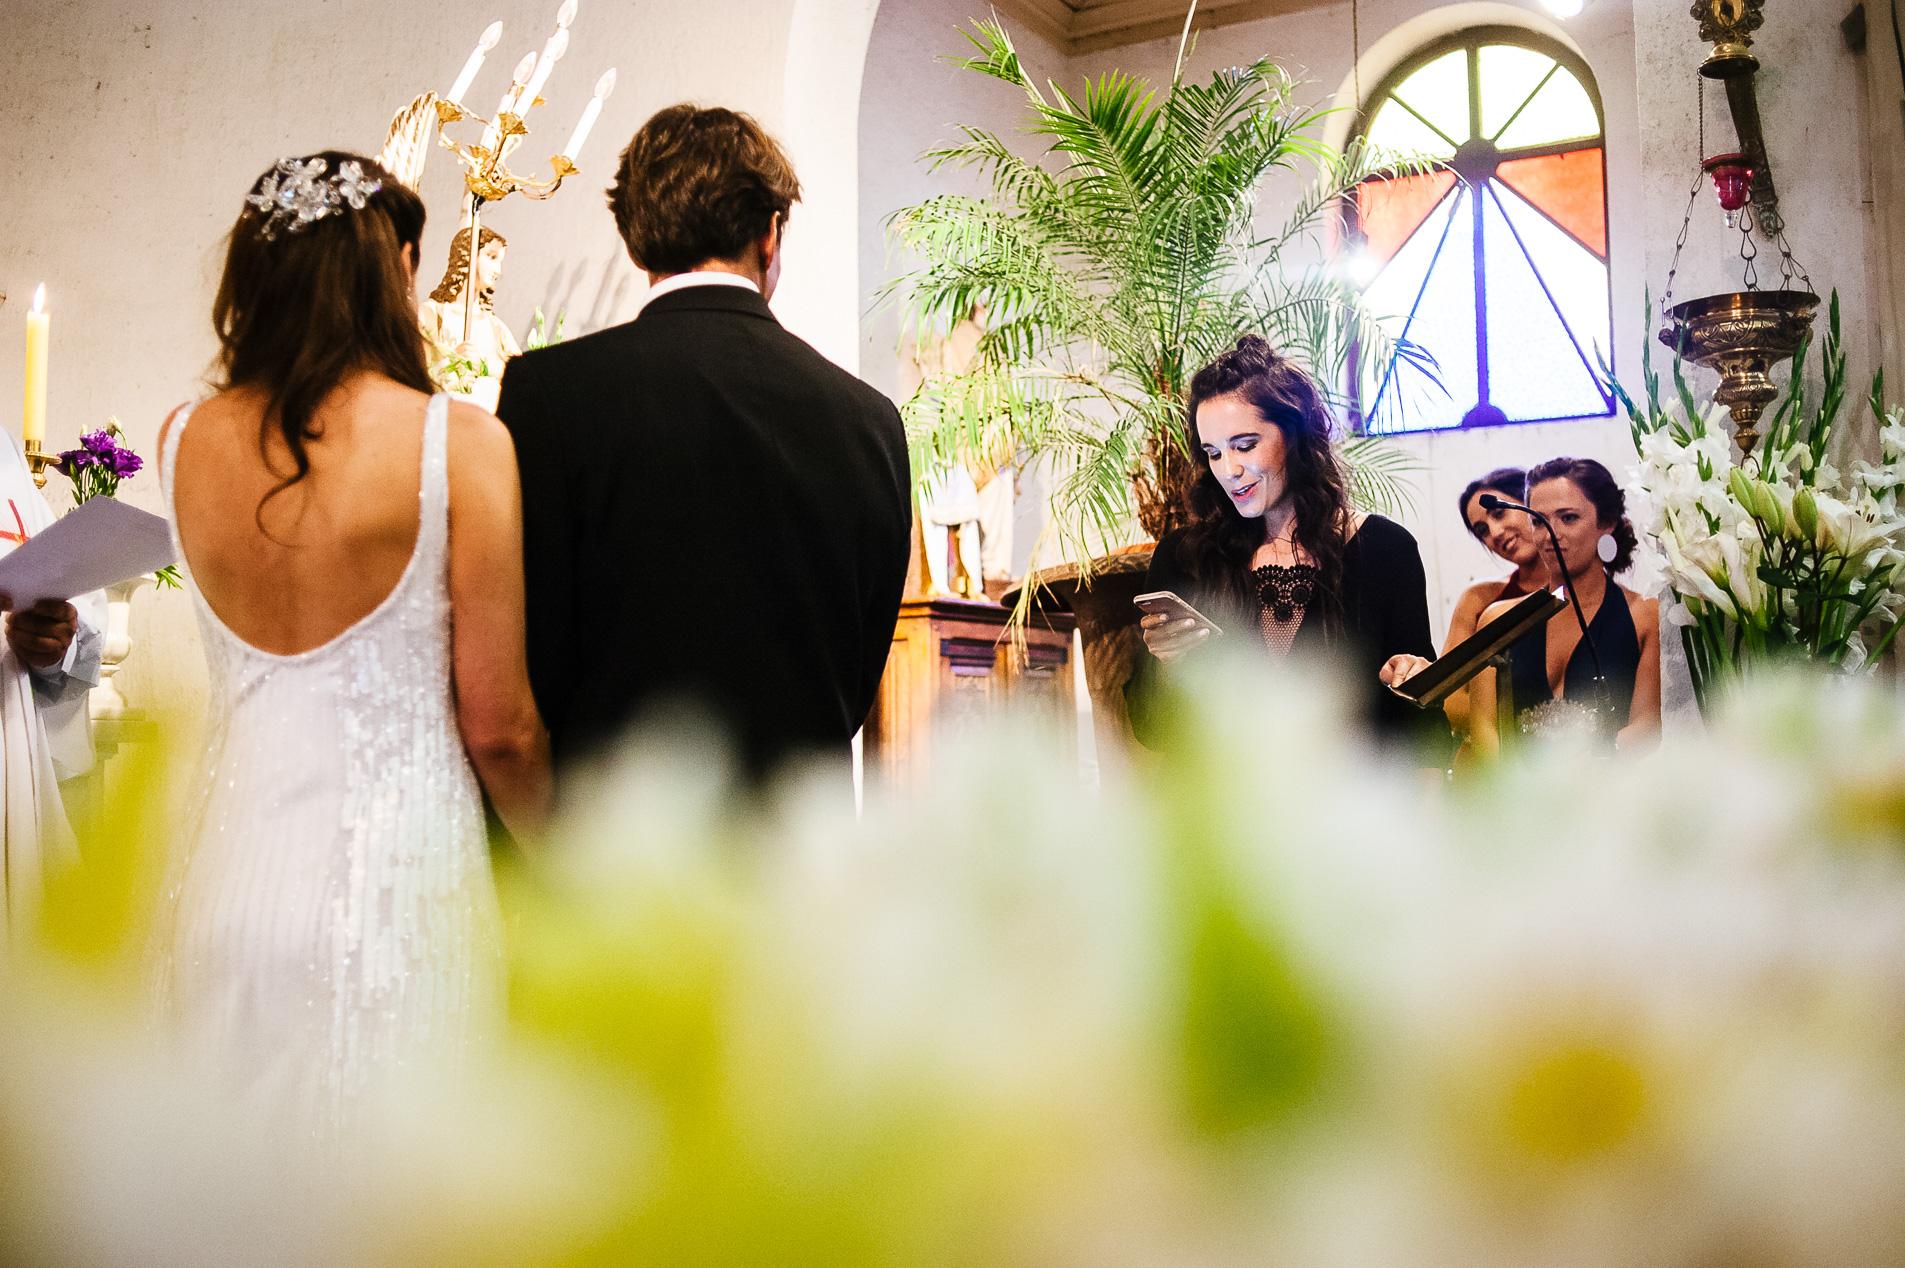 matrimonio-casona-reina-sur-17